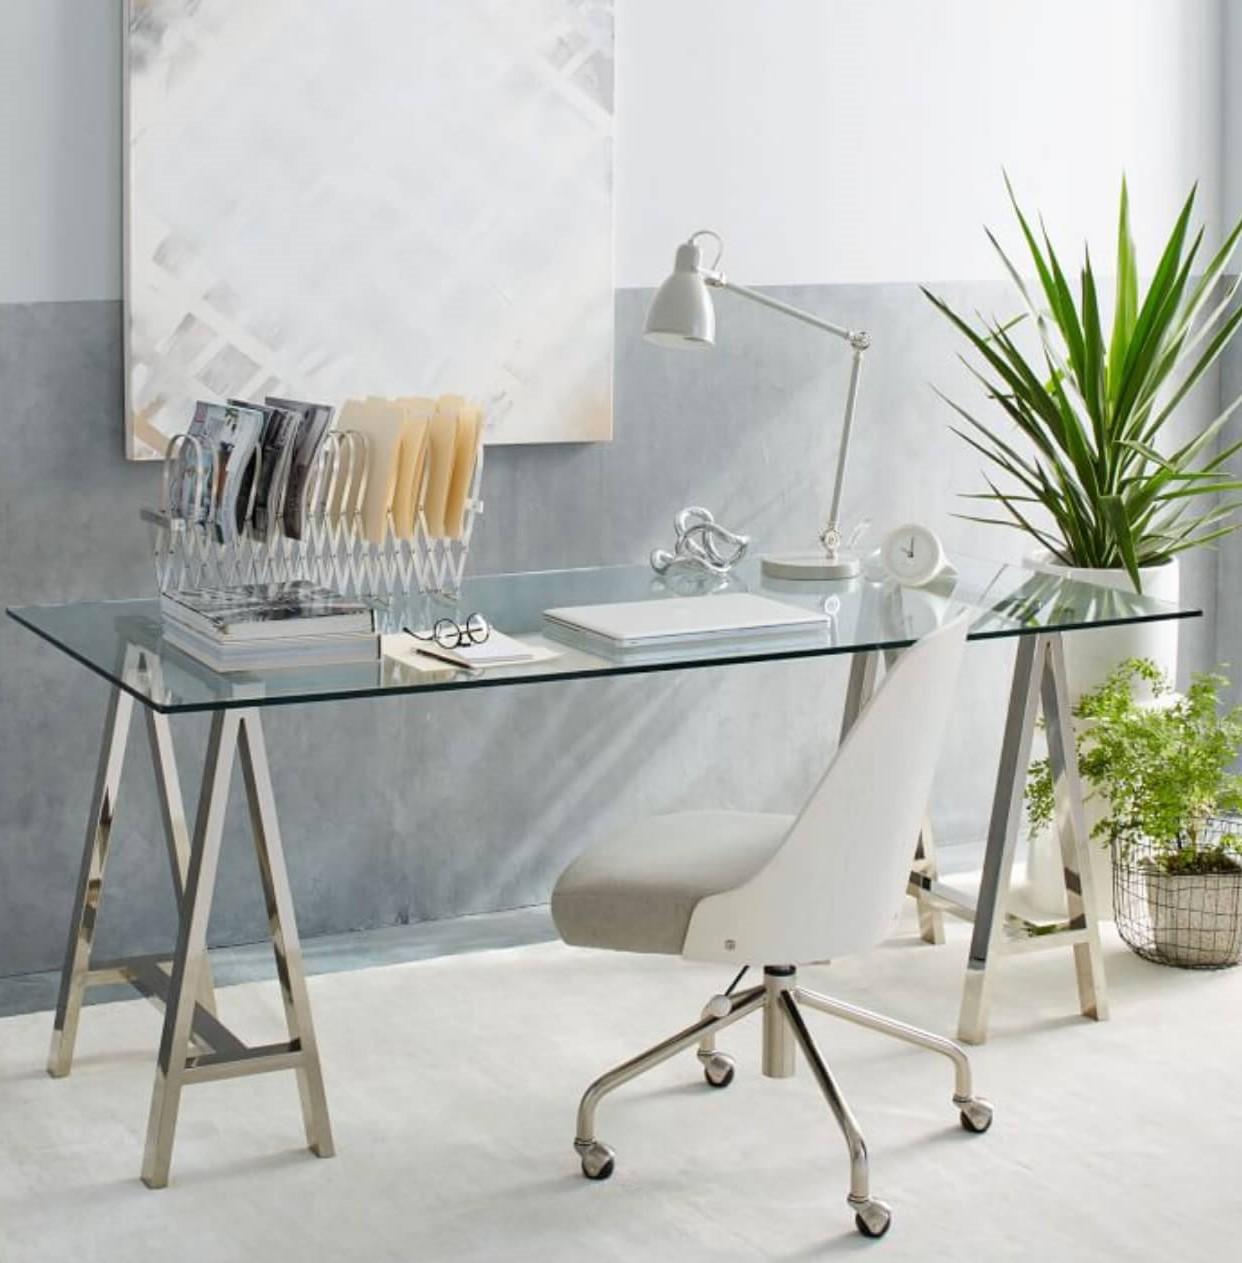 Idées de bureau: les dossiers et les organisateurs de bureau sont d'excellentes solutions pour un look plus net.